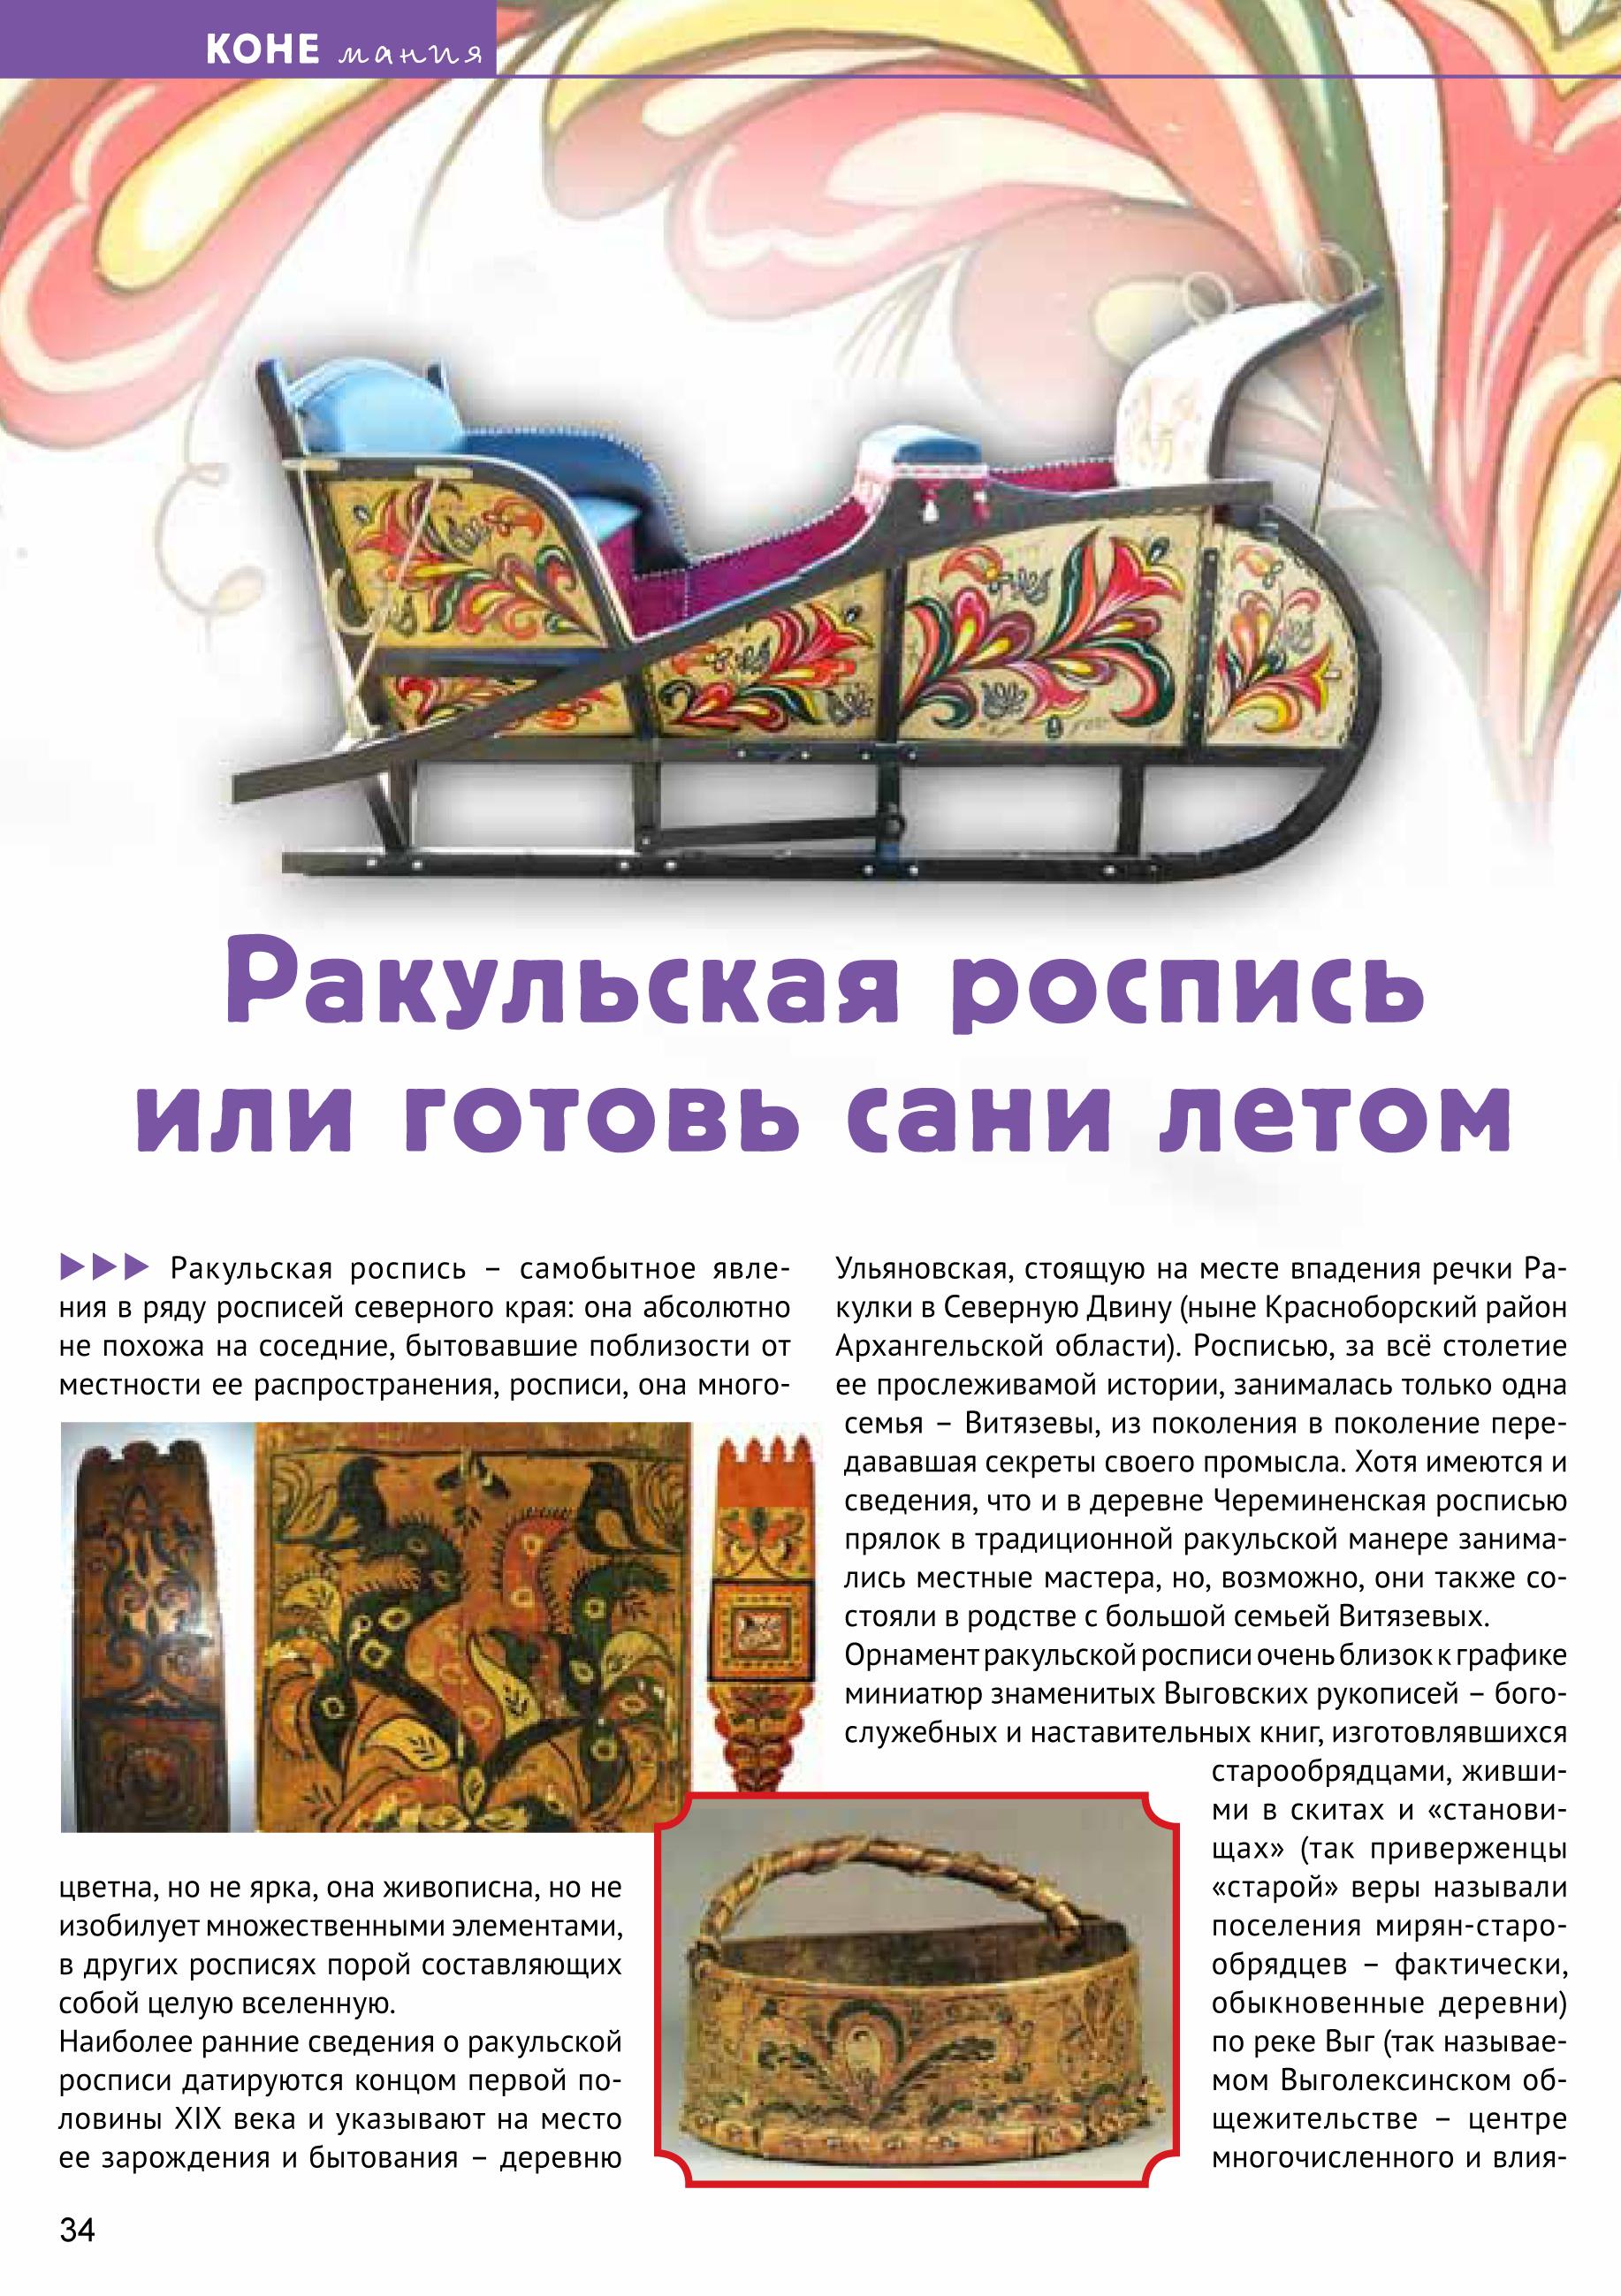 Book КОНЕВОДИТЕЛЬ 4_ proof-34